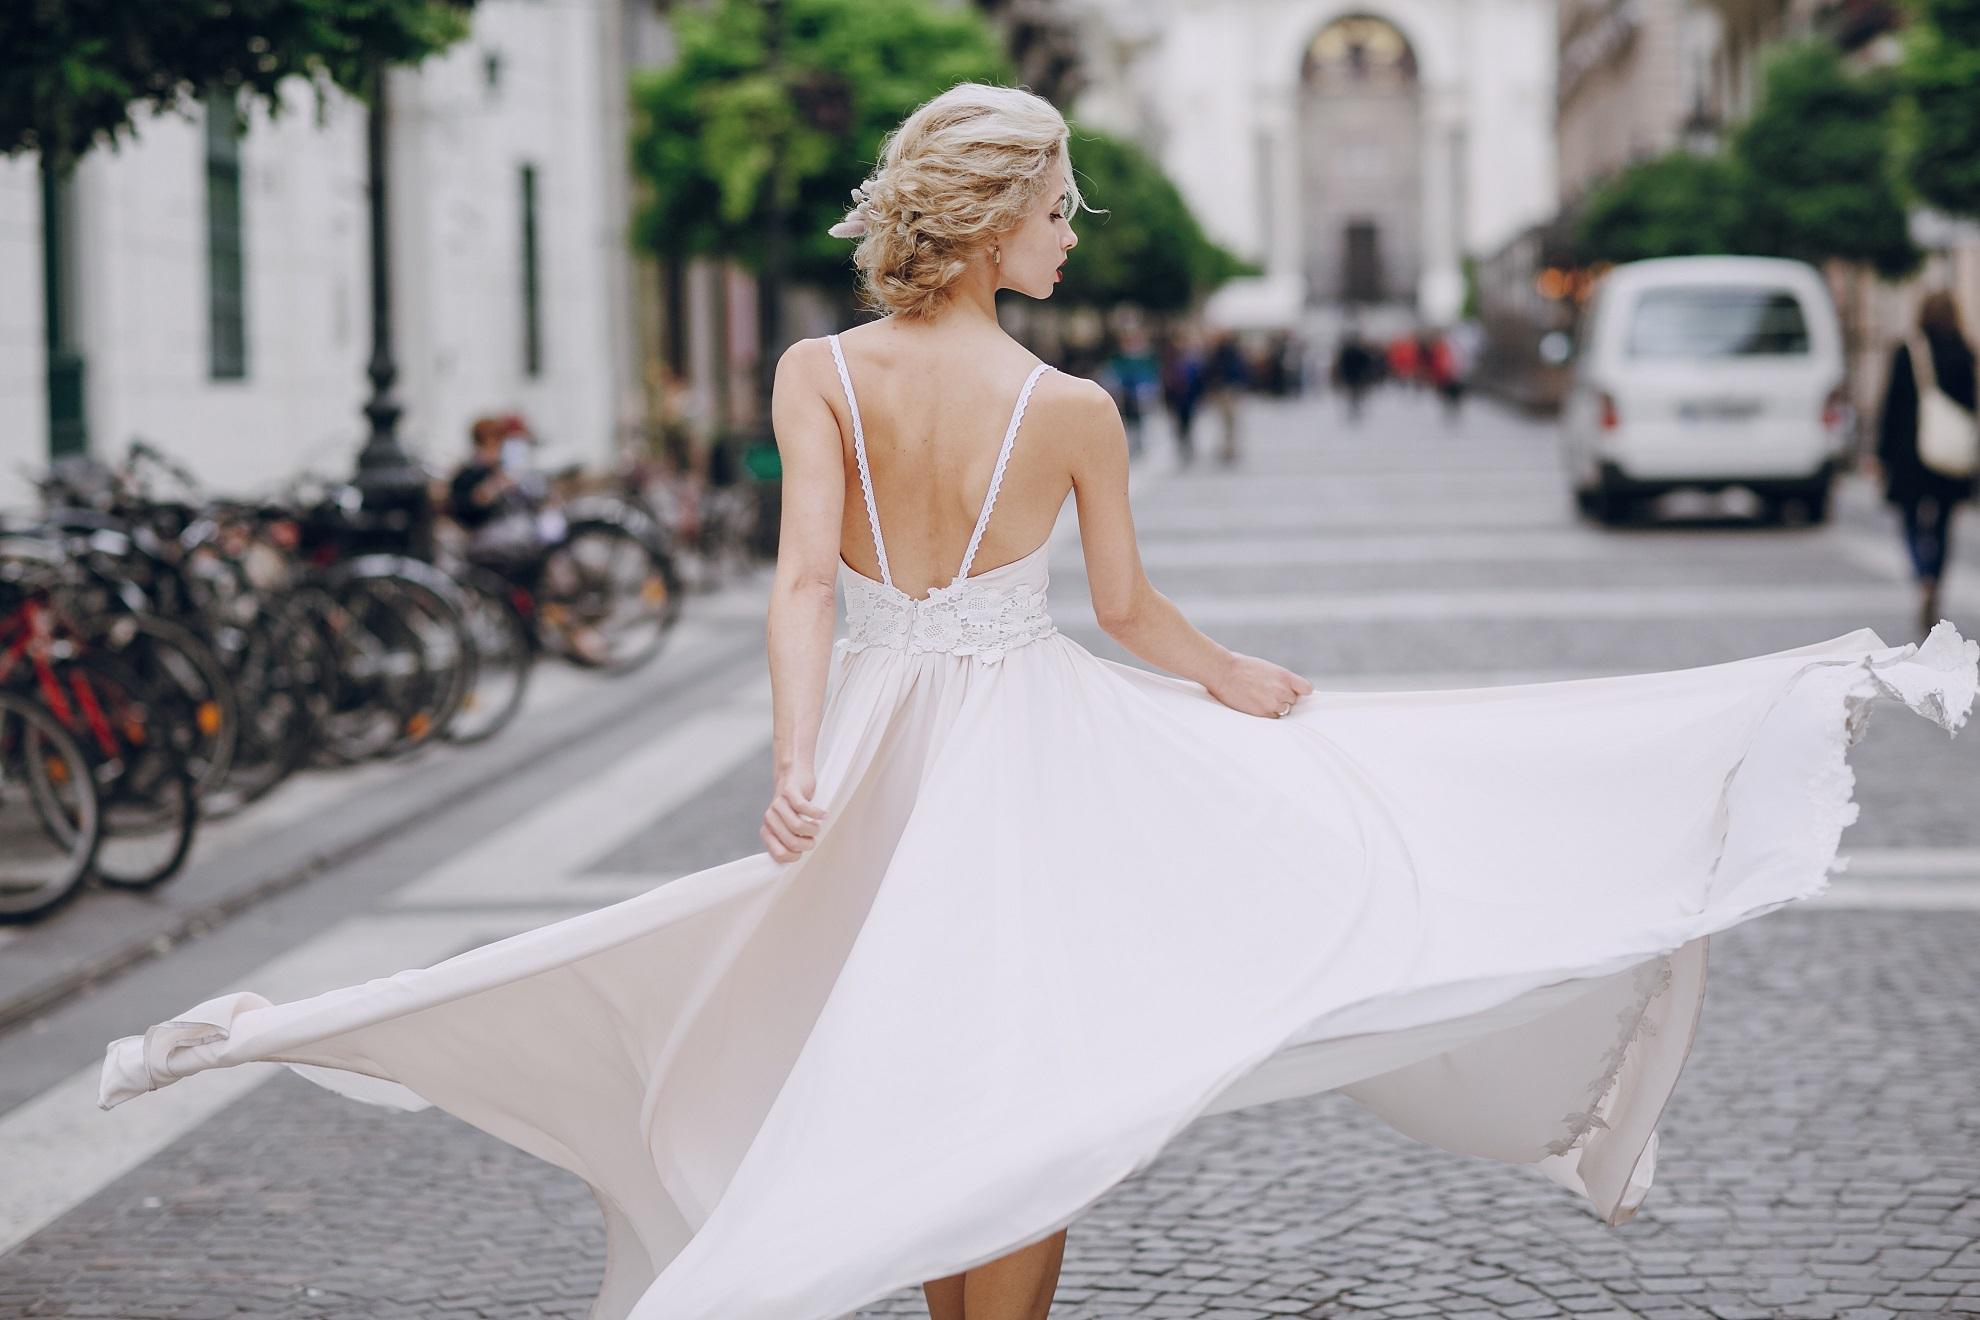 式直前は、二の腕、顔、背中など、ドレスから出ている部分のダイエットで十分。 リンパマッサージや簡単な筋トレが取り入れやすいかもしれないですね。